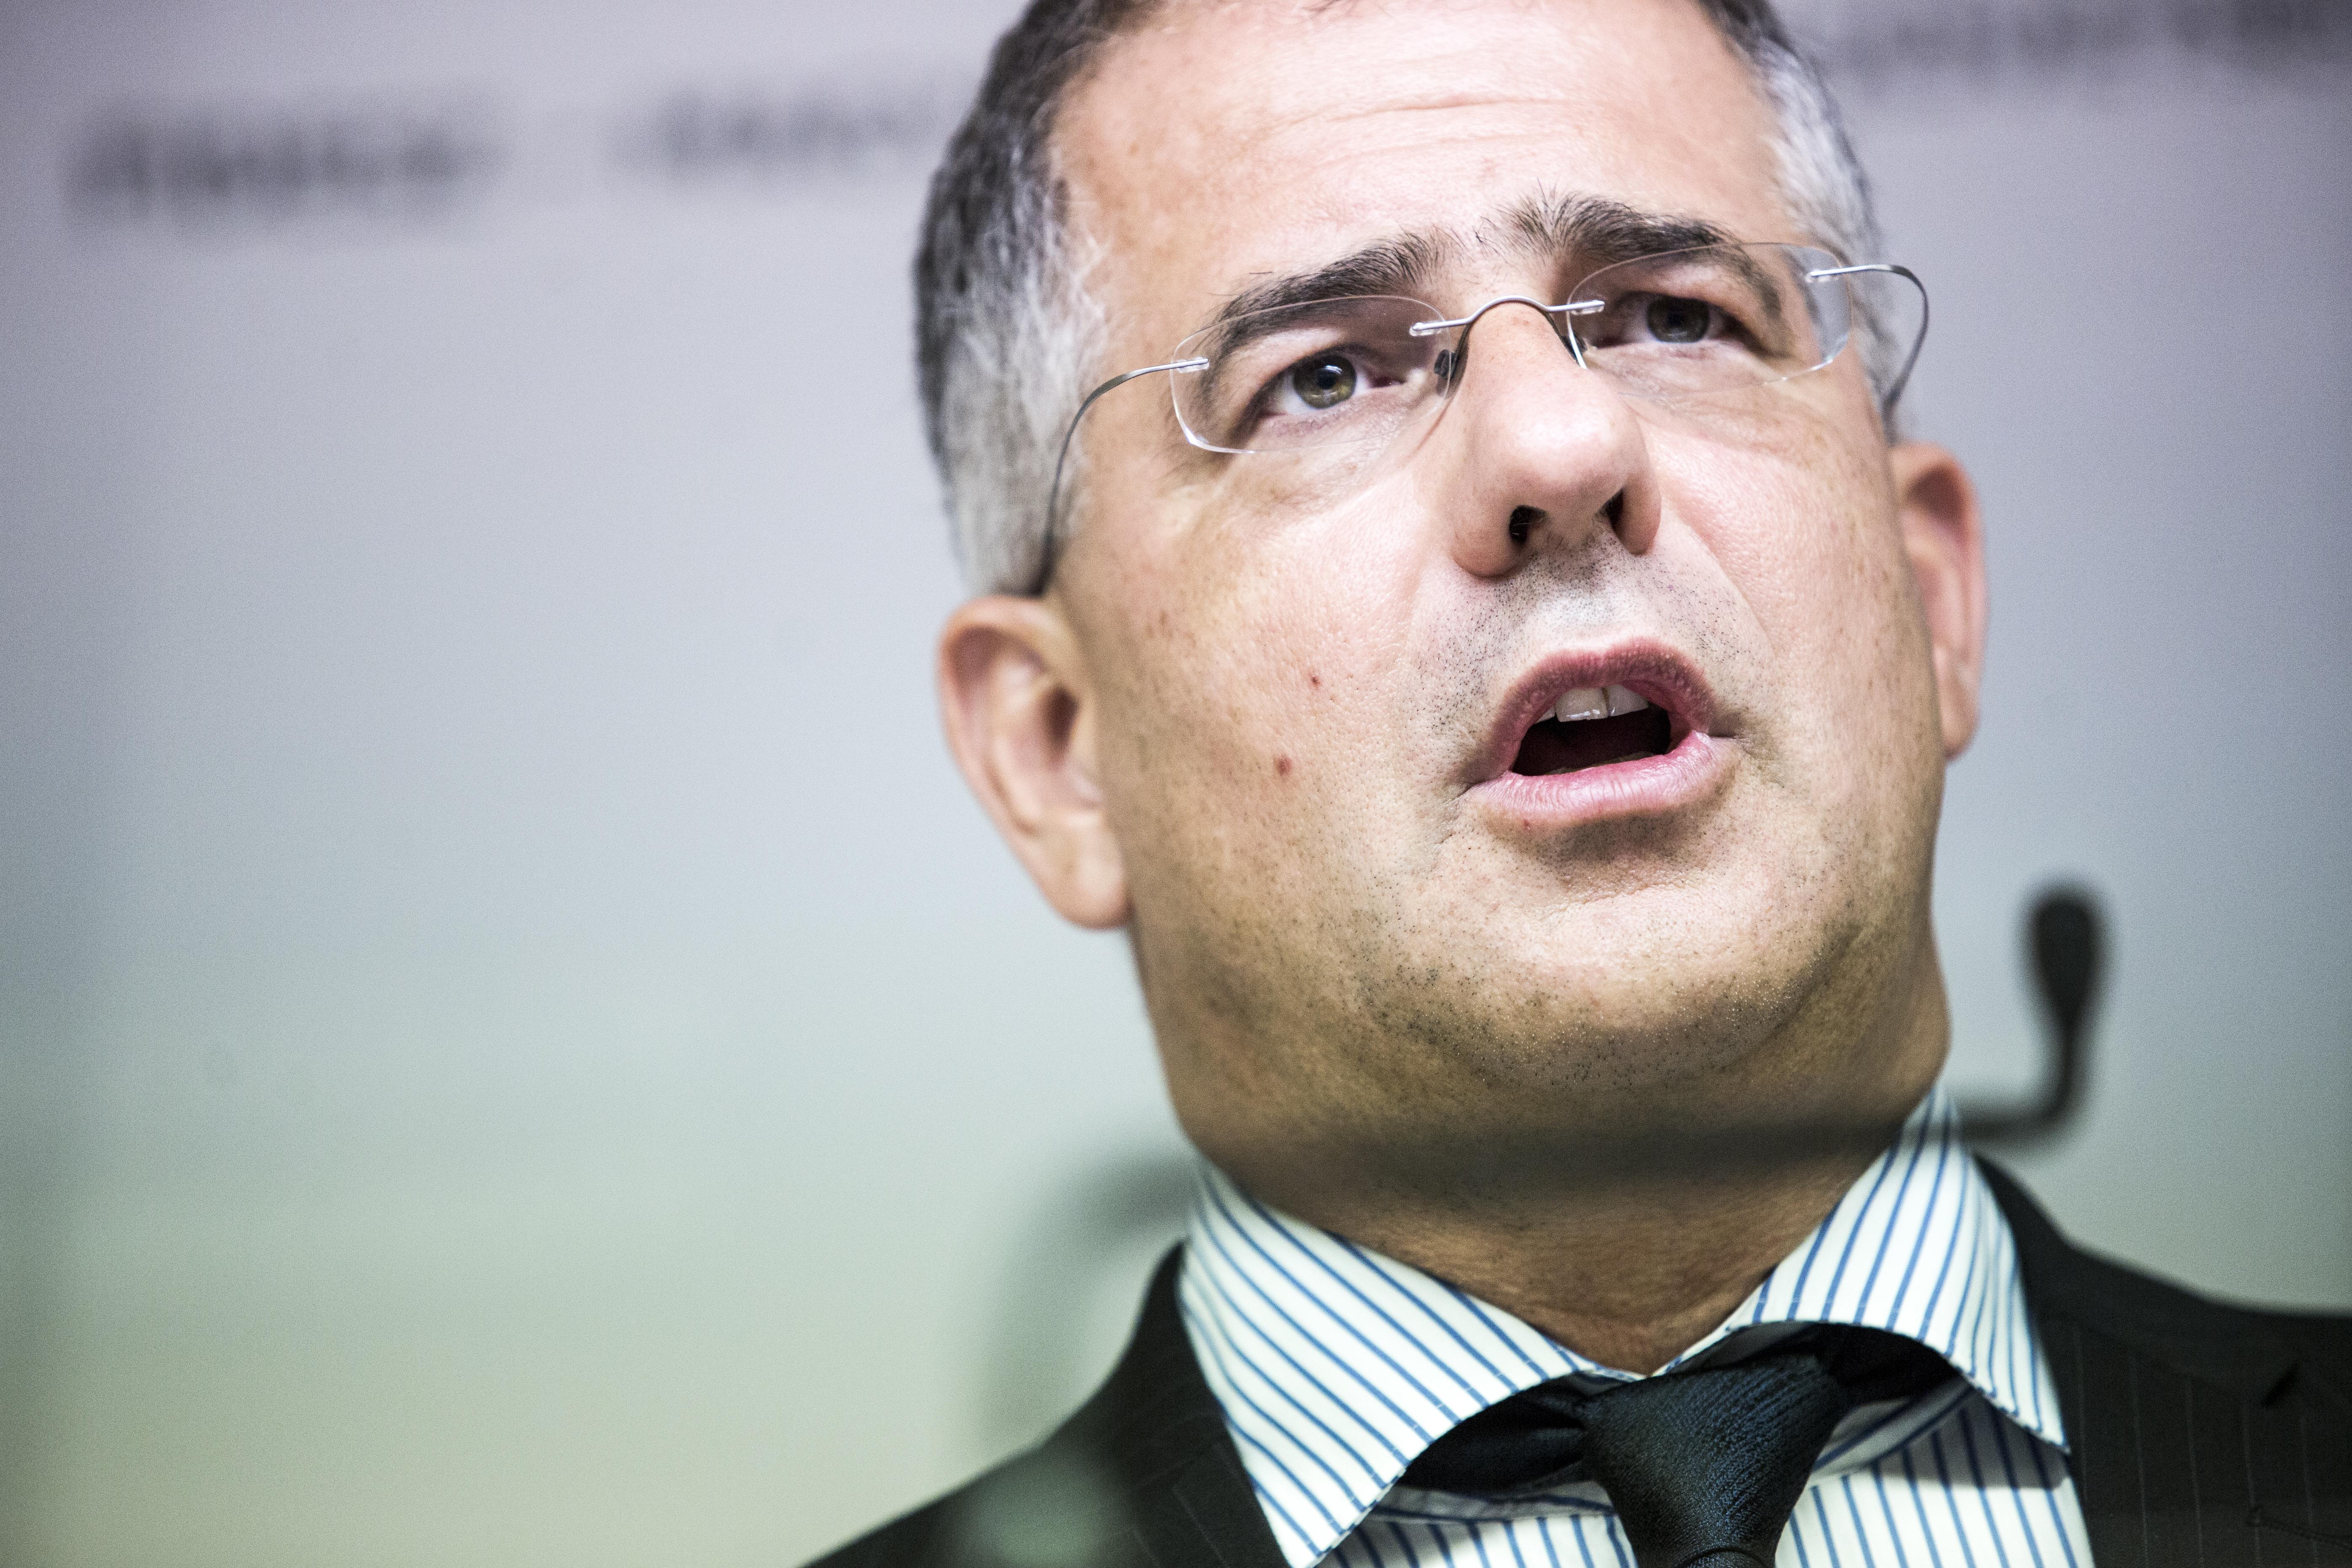 Kósa: Légből kapott hír, hogy Balog Zoltán lesz az államfő